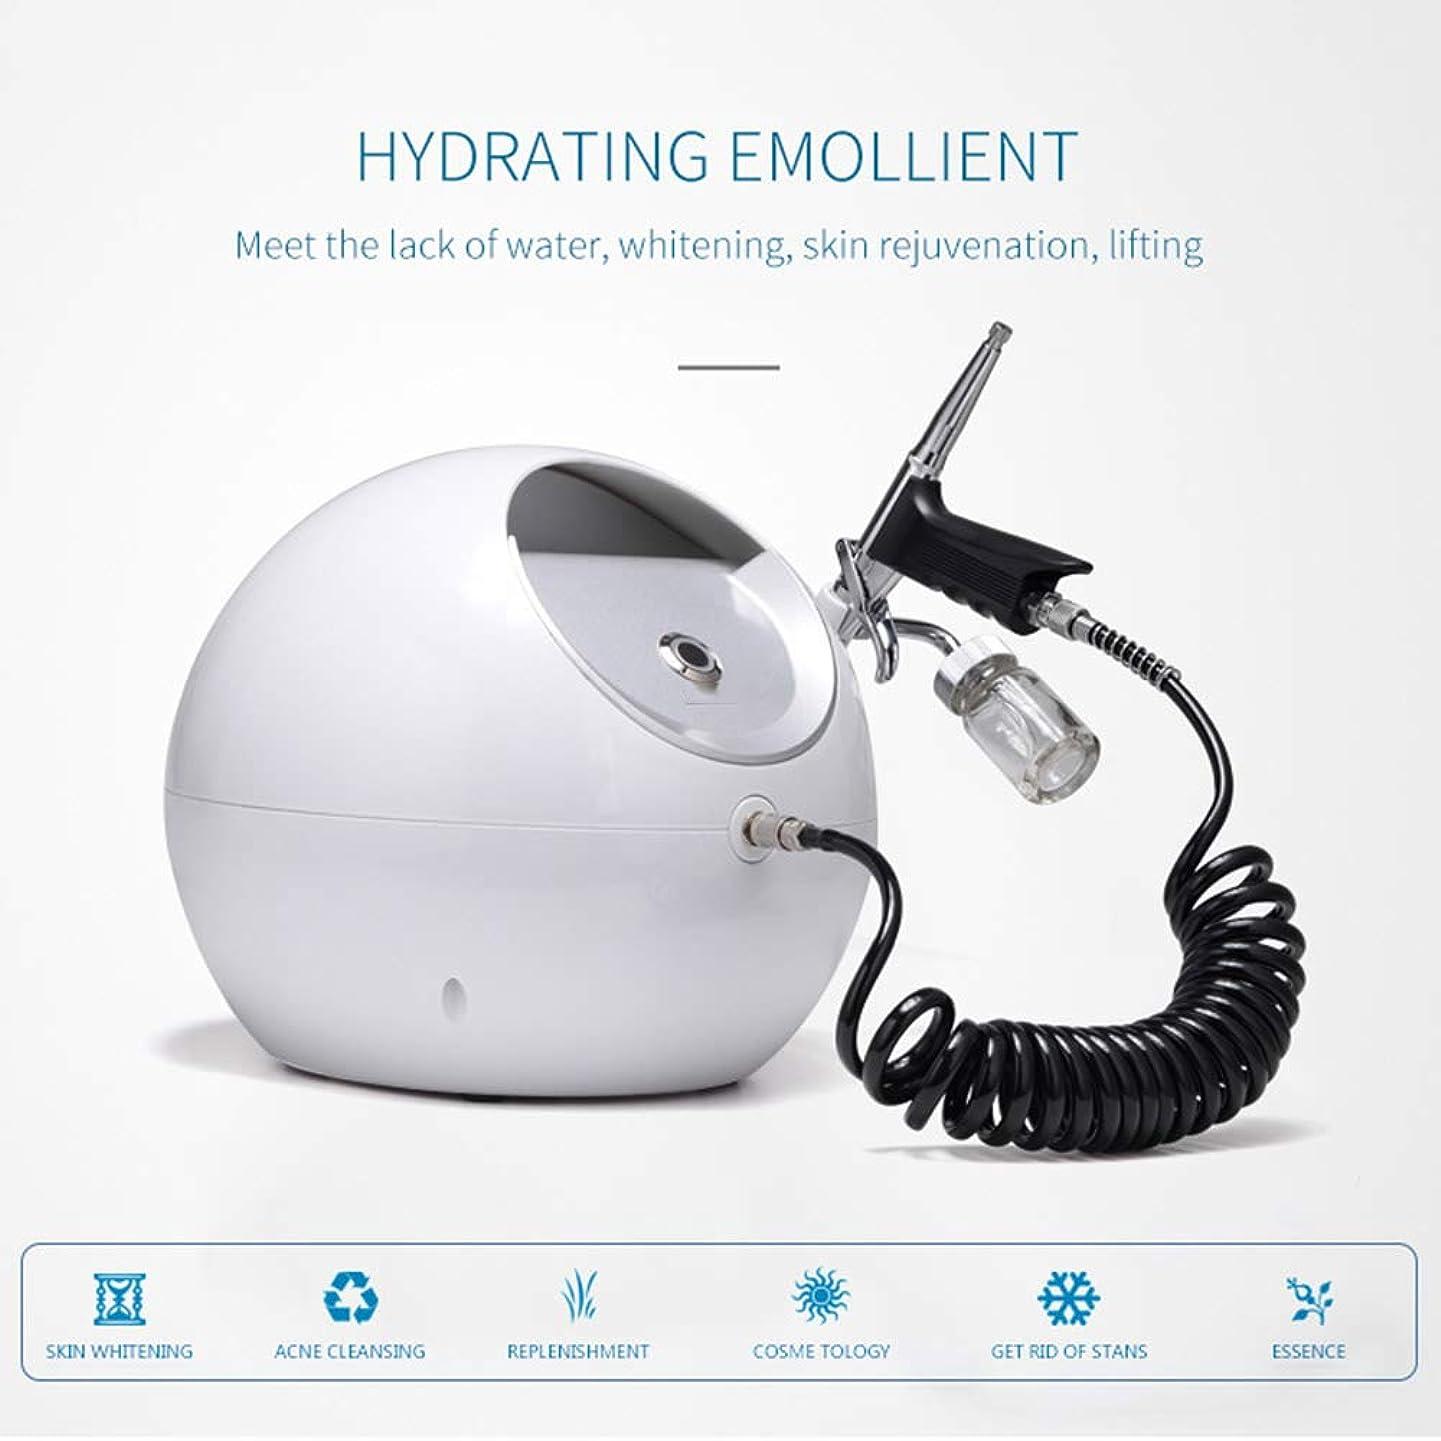 きしむ医療のブラウザ2 In1 小バブル酸素ジェットピールハイドロフェイシャルダーマブレーションマシン、フェイシャルクリーニングブラックヘッドにきびのための皮膚酸素注入美容機器